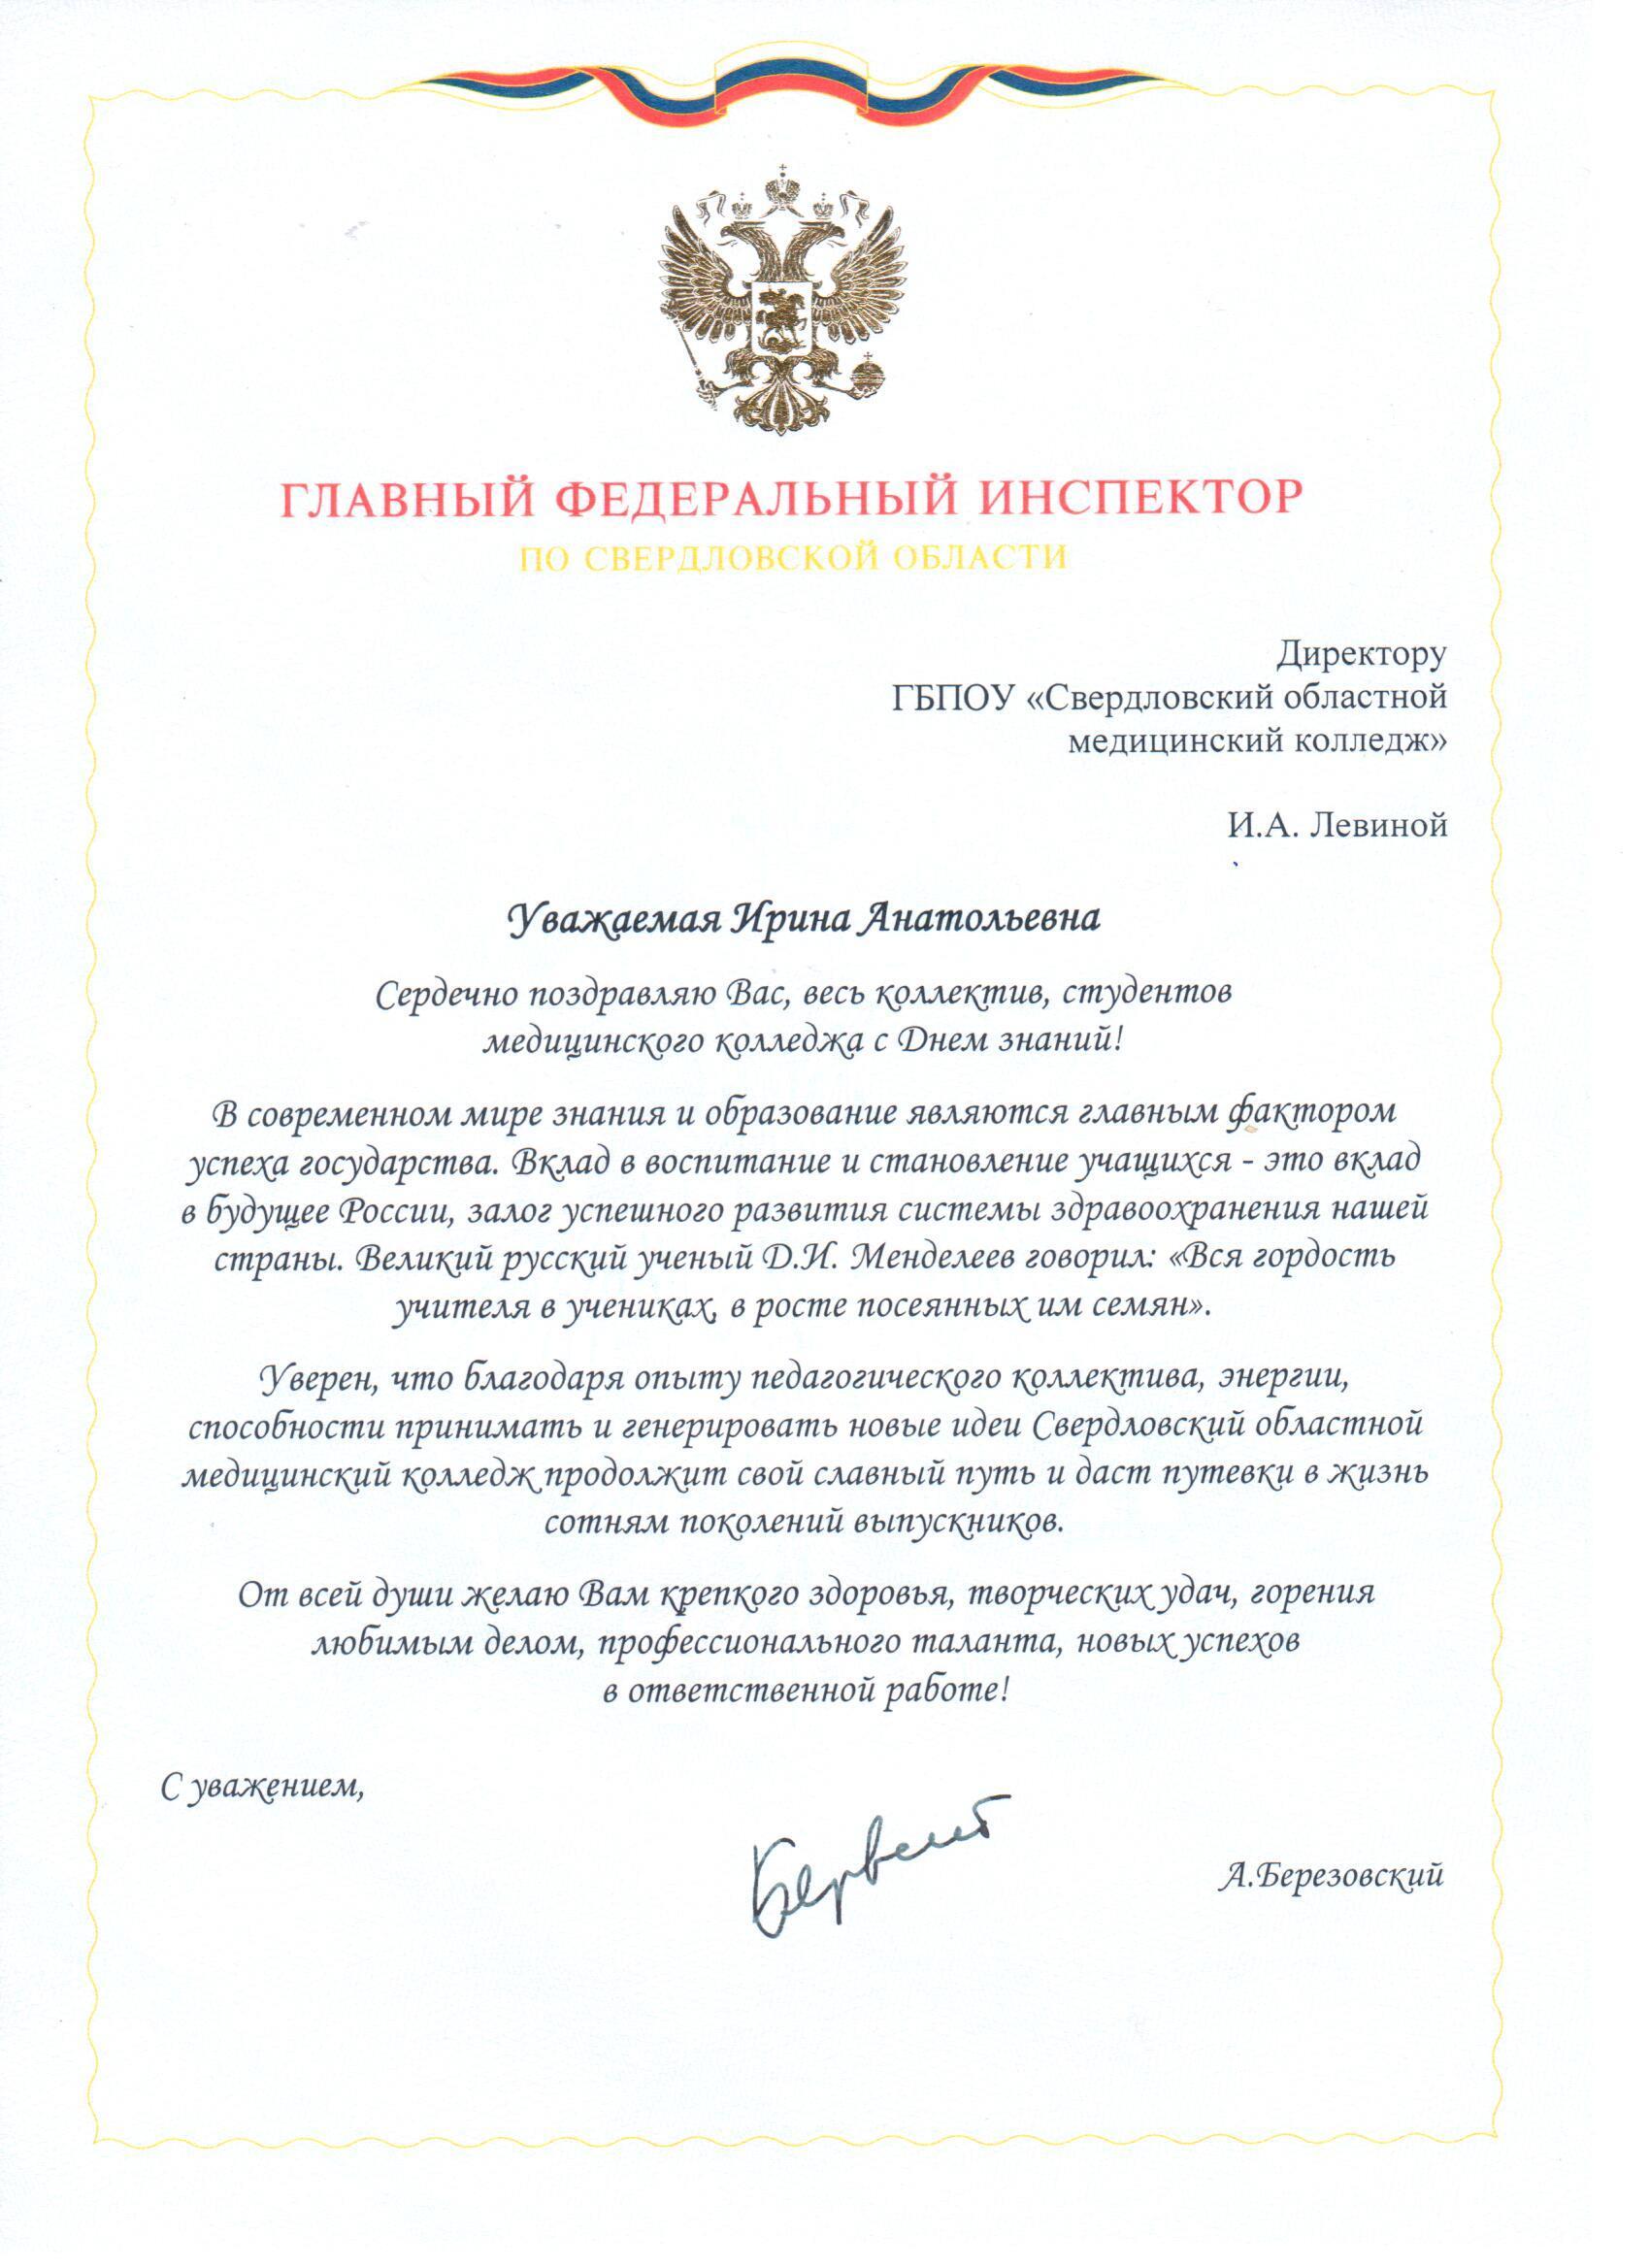 Поздравление с юбилеем федерального инспектора